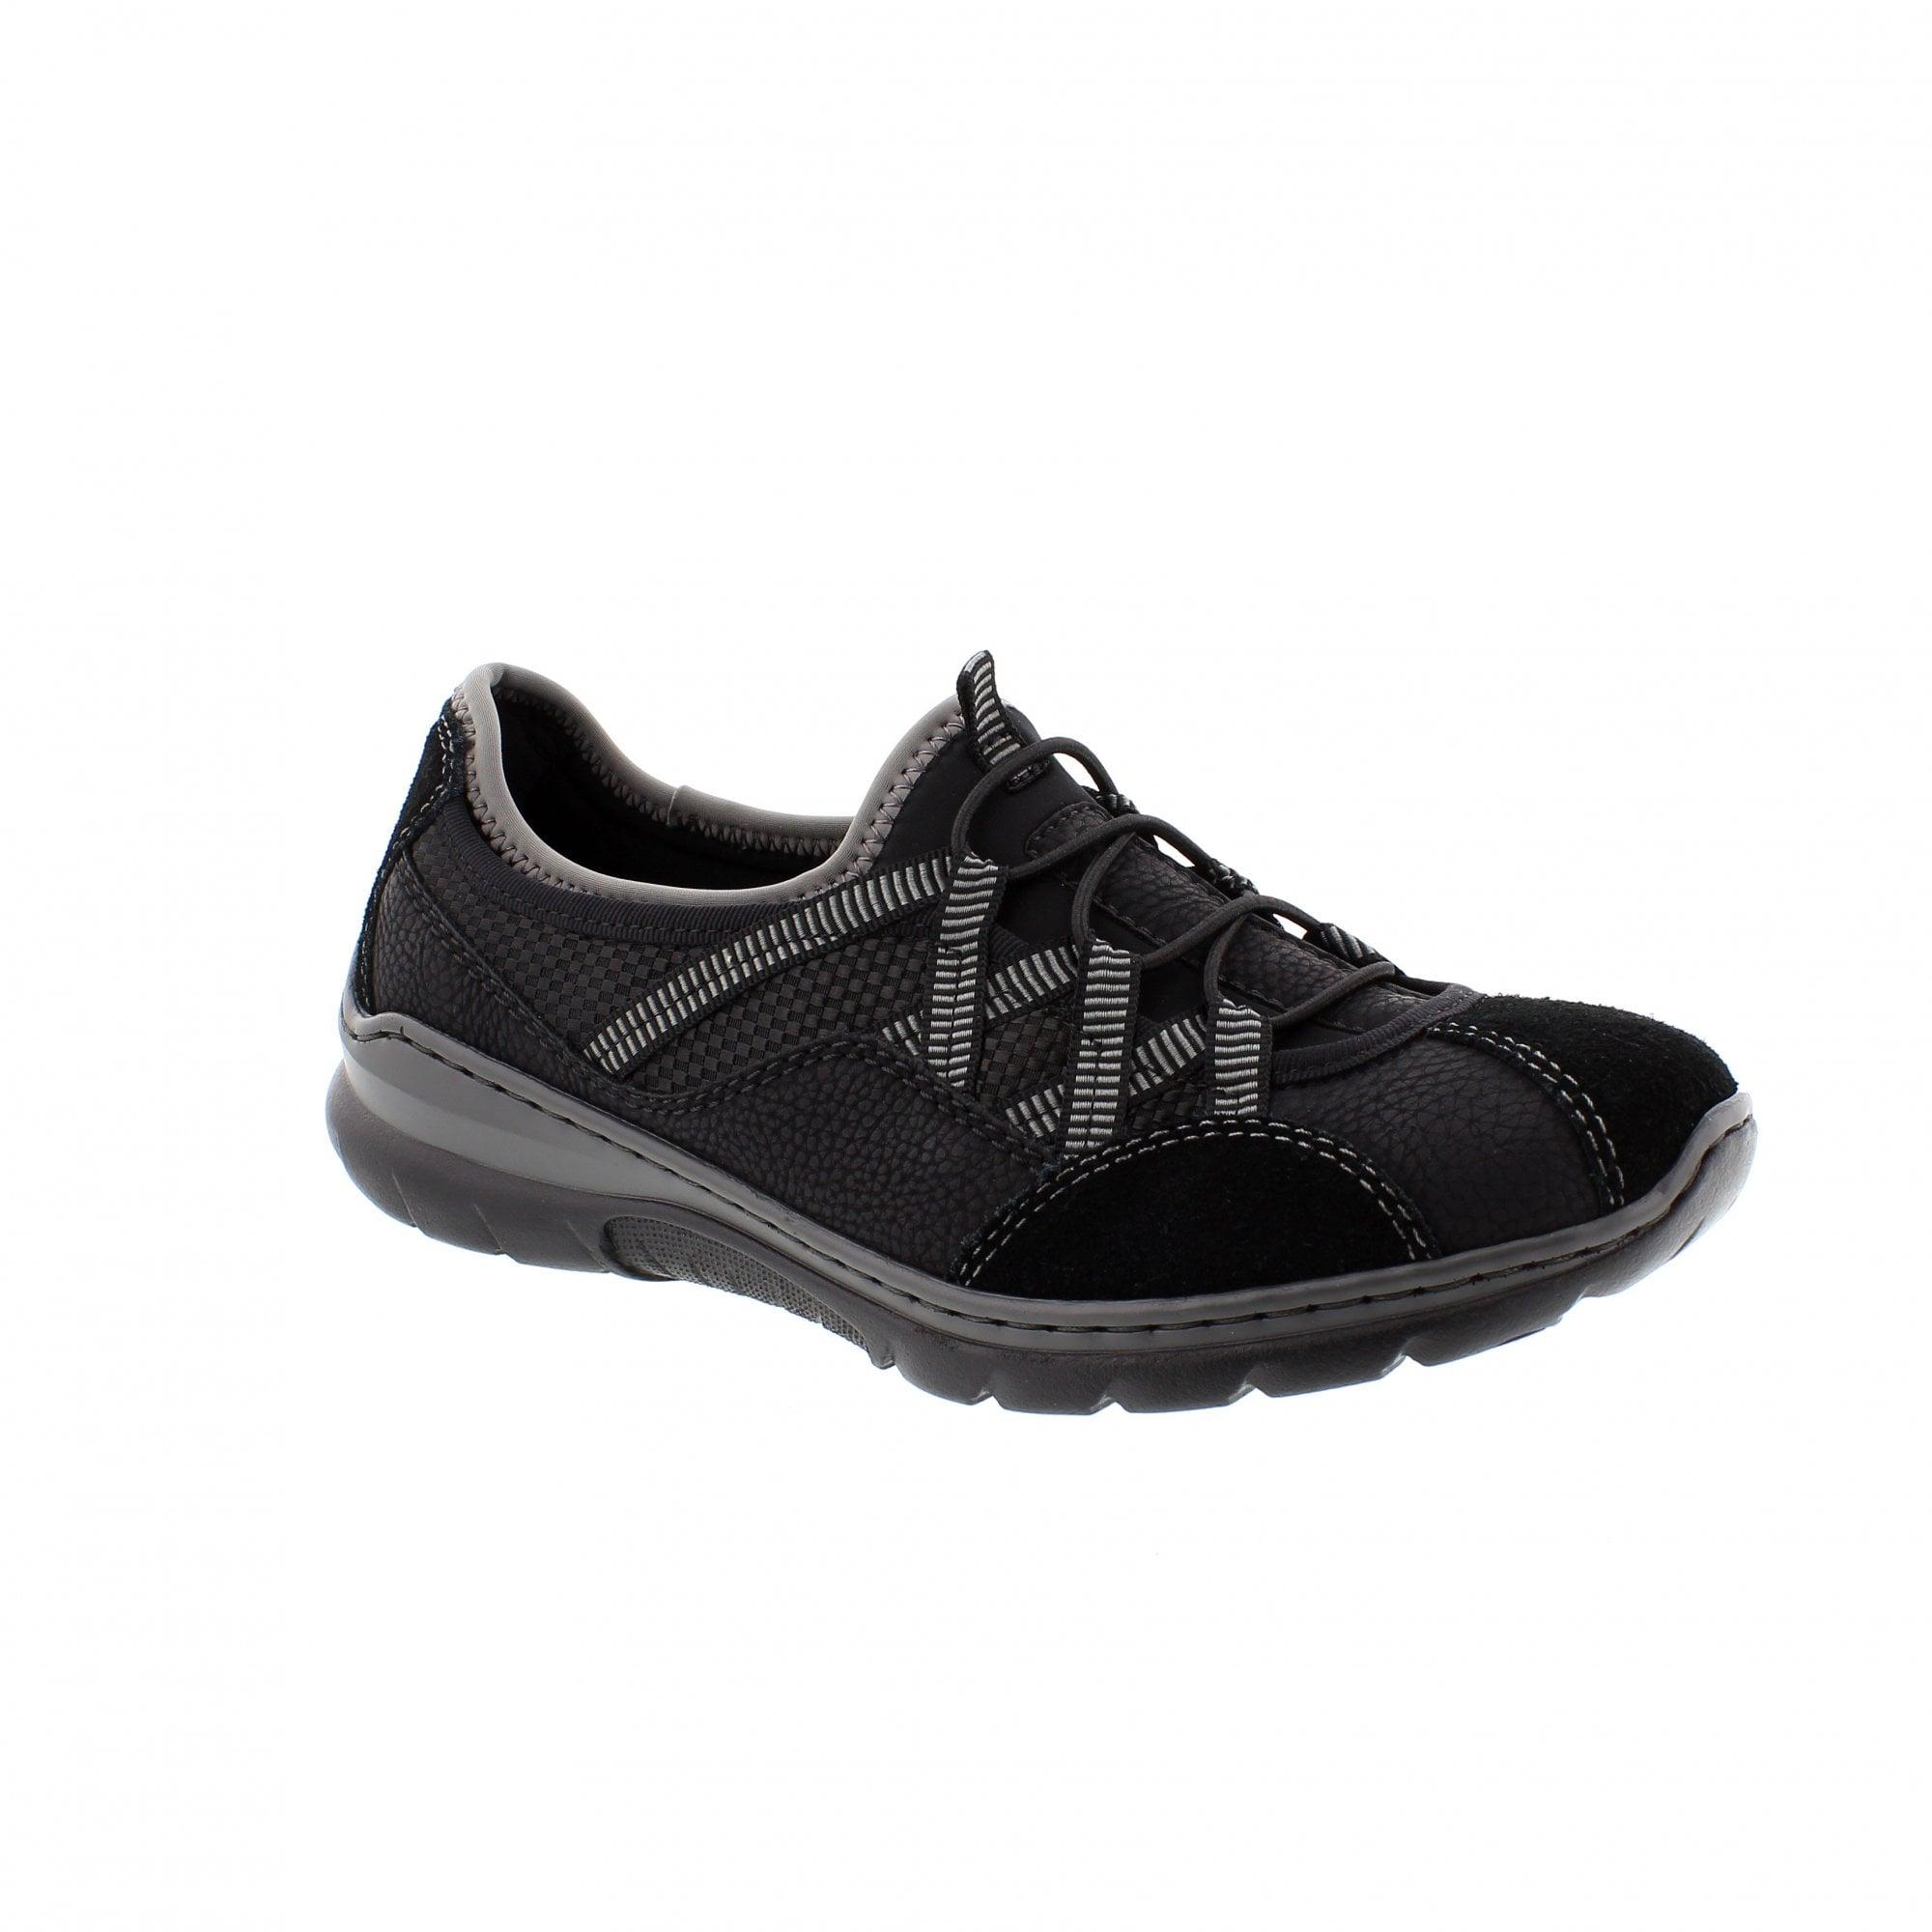 Rieker L3251-00 Black/Grey Womens Slip